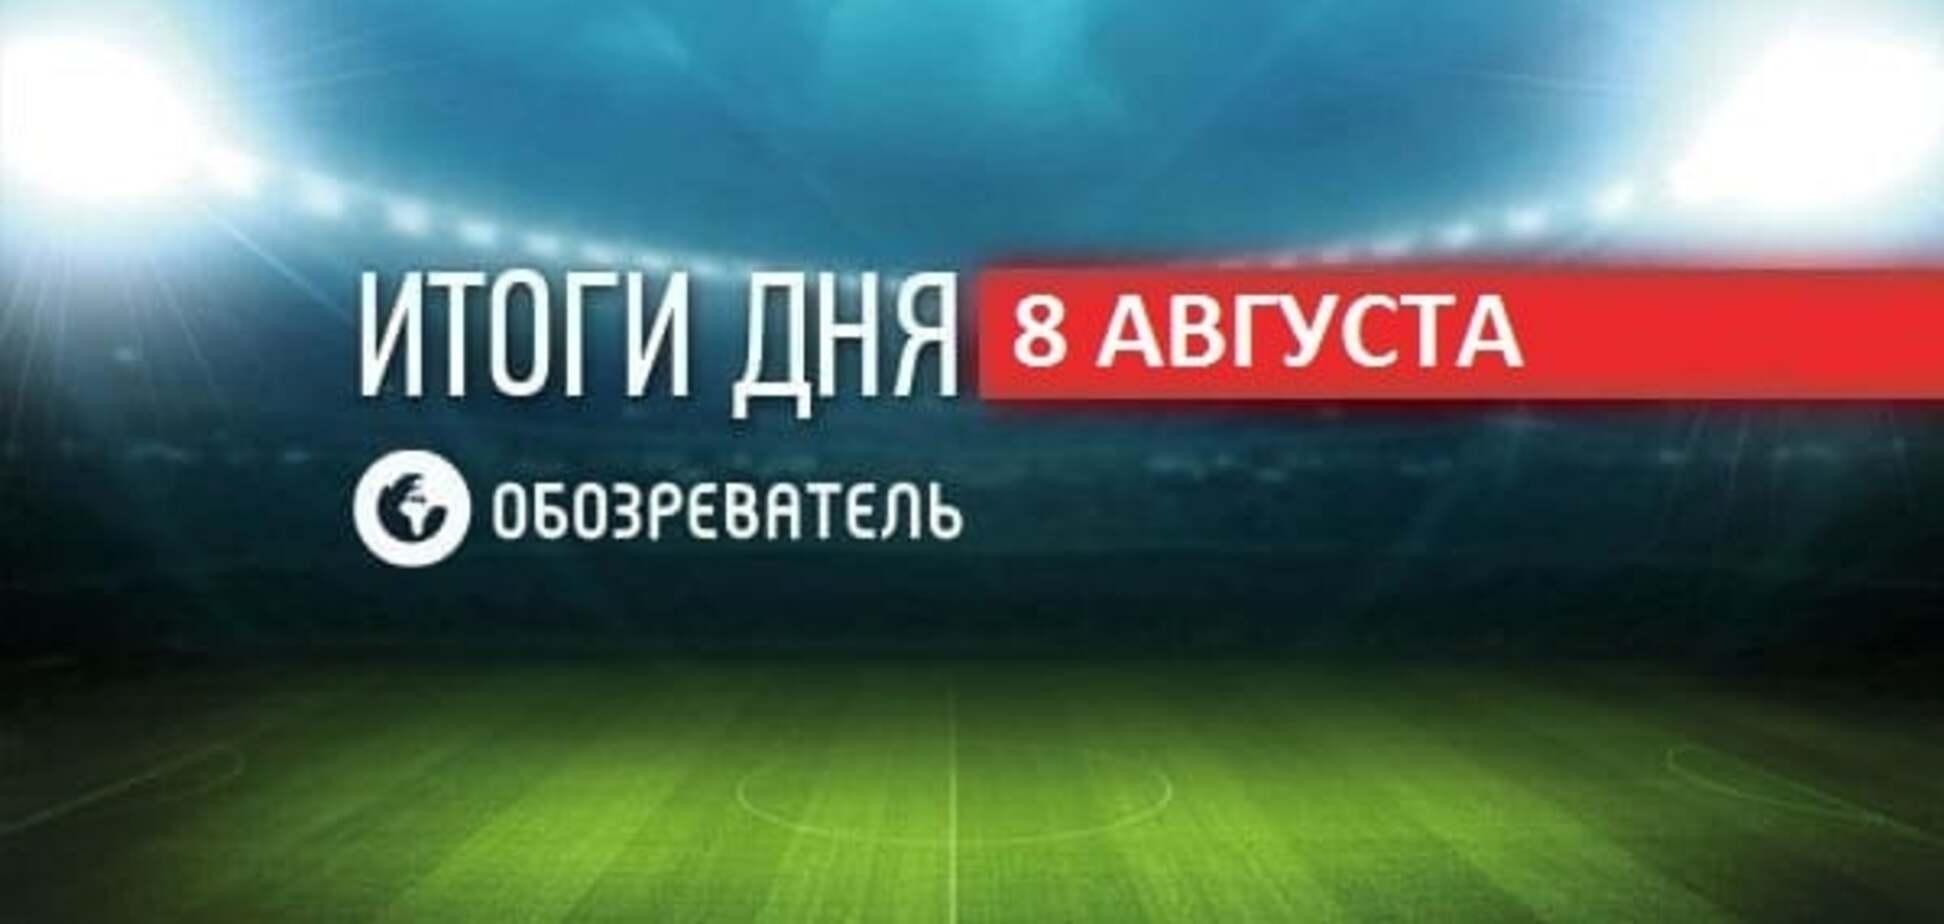 Україна завоювала перші медалі в Ріо, а Росію поставили на місце. Спортивні підсумки 8 серпня